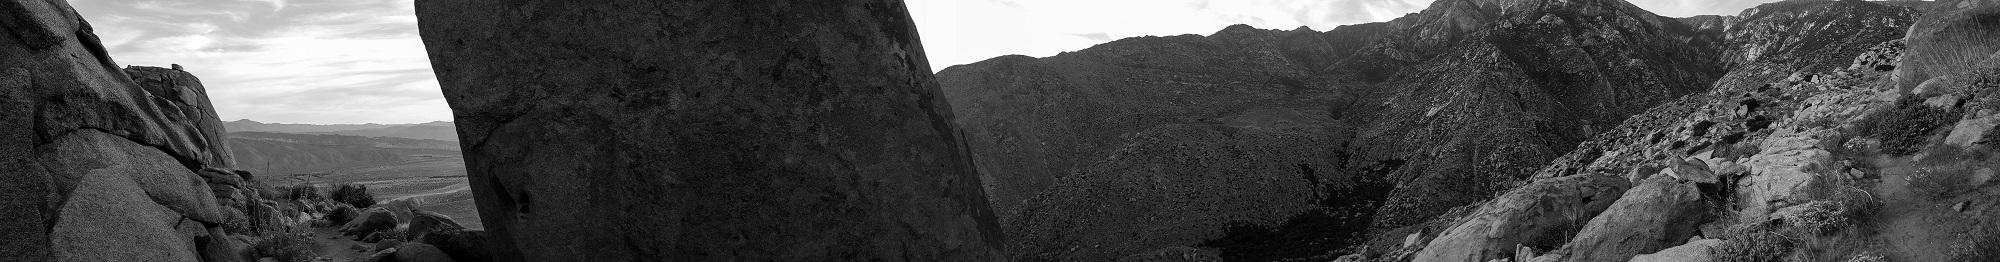 Panorama descent San Jacinto